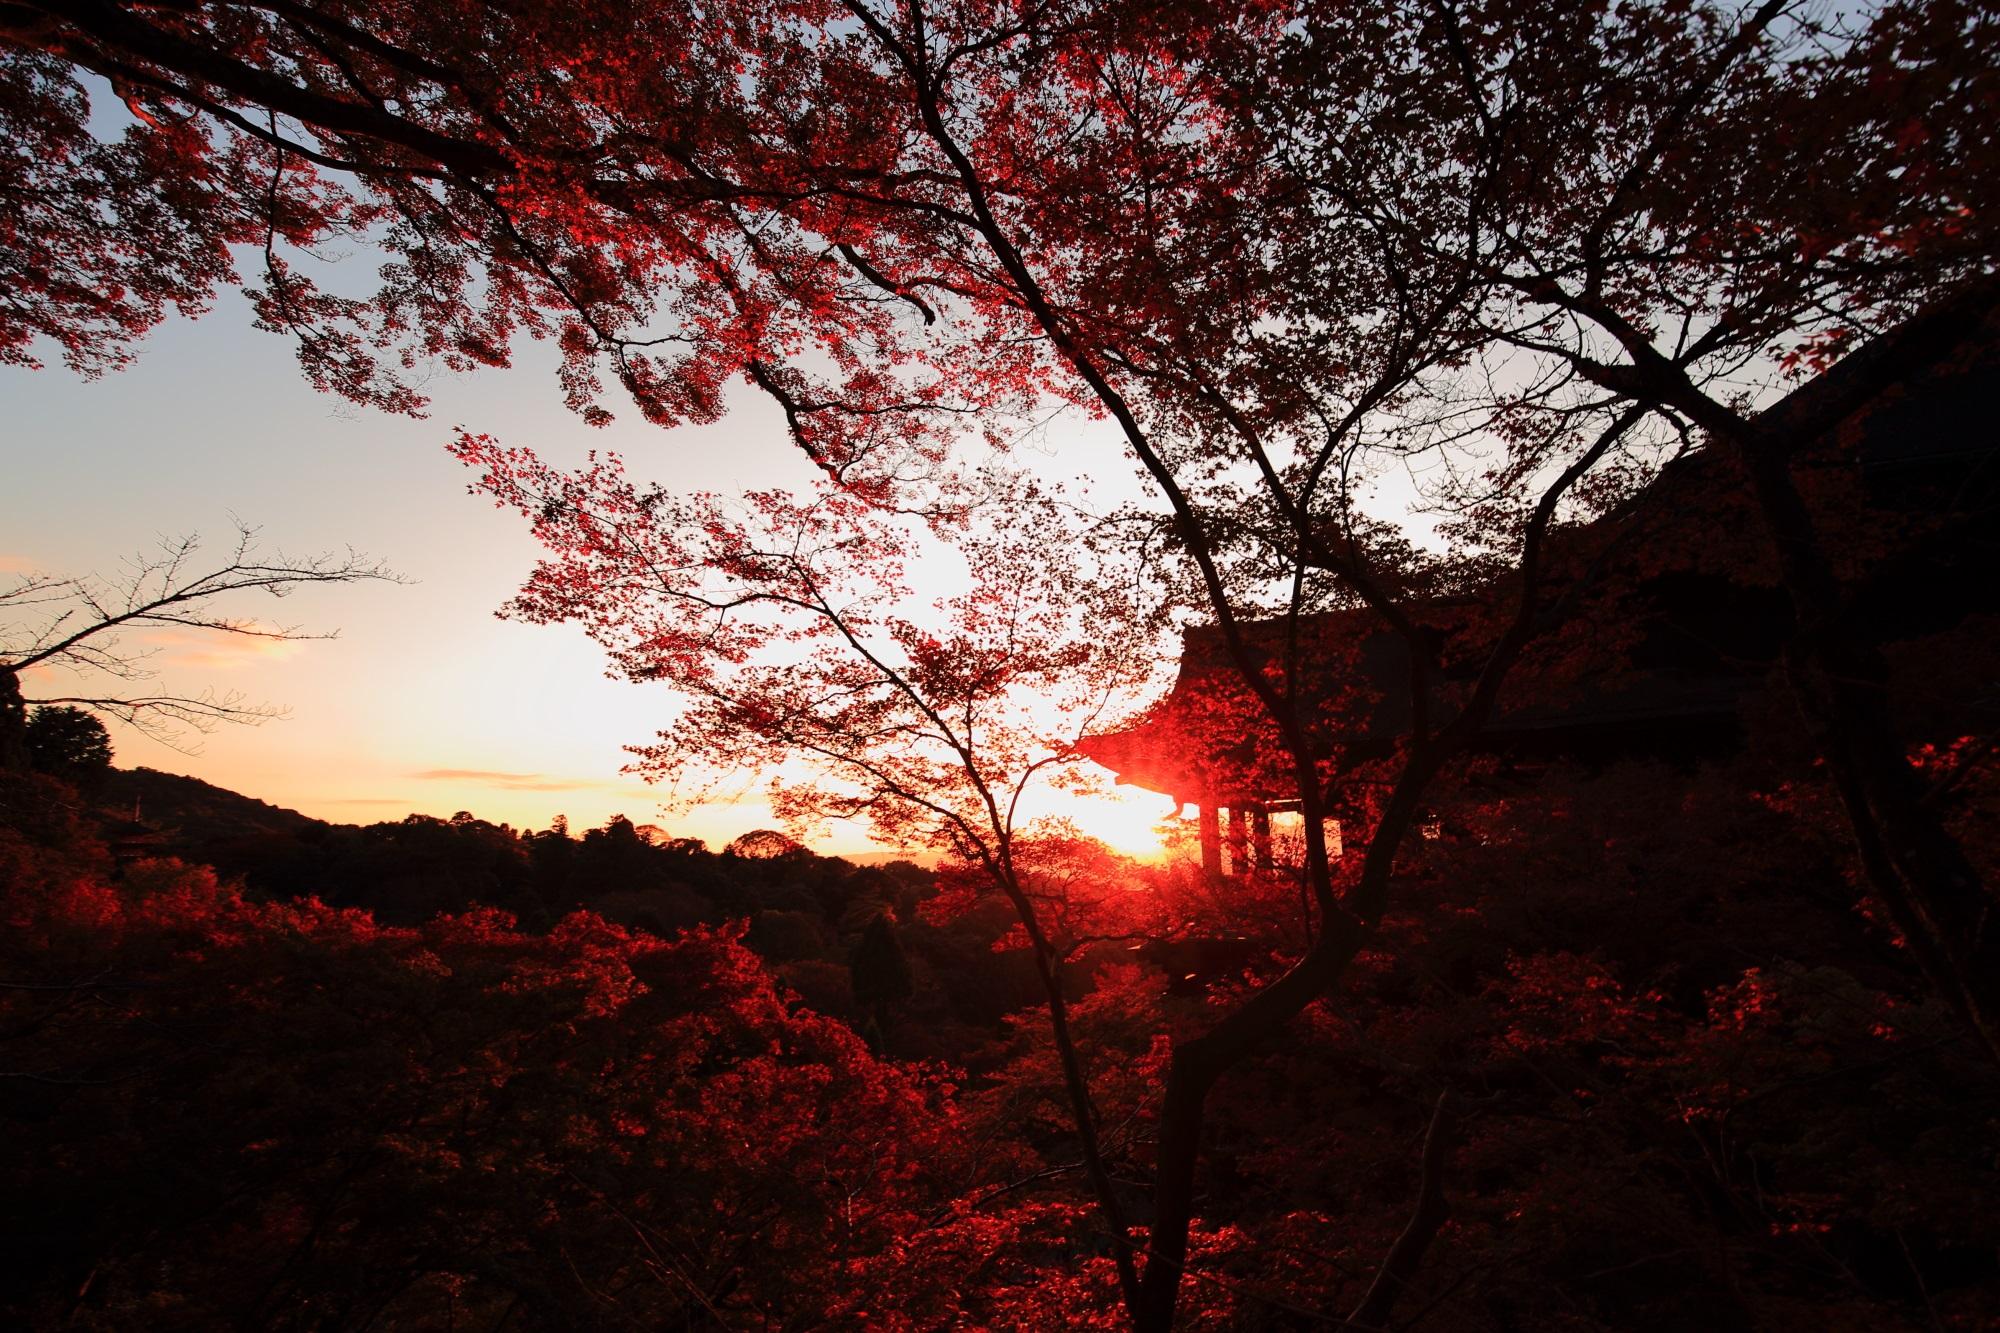 もみじの名所の清水寺の見ごろの紅葉と夕焼け